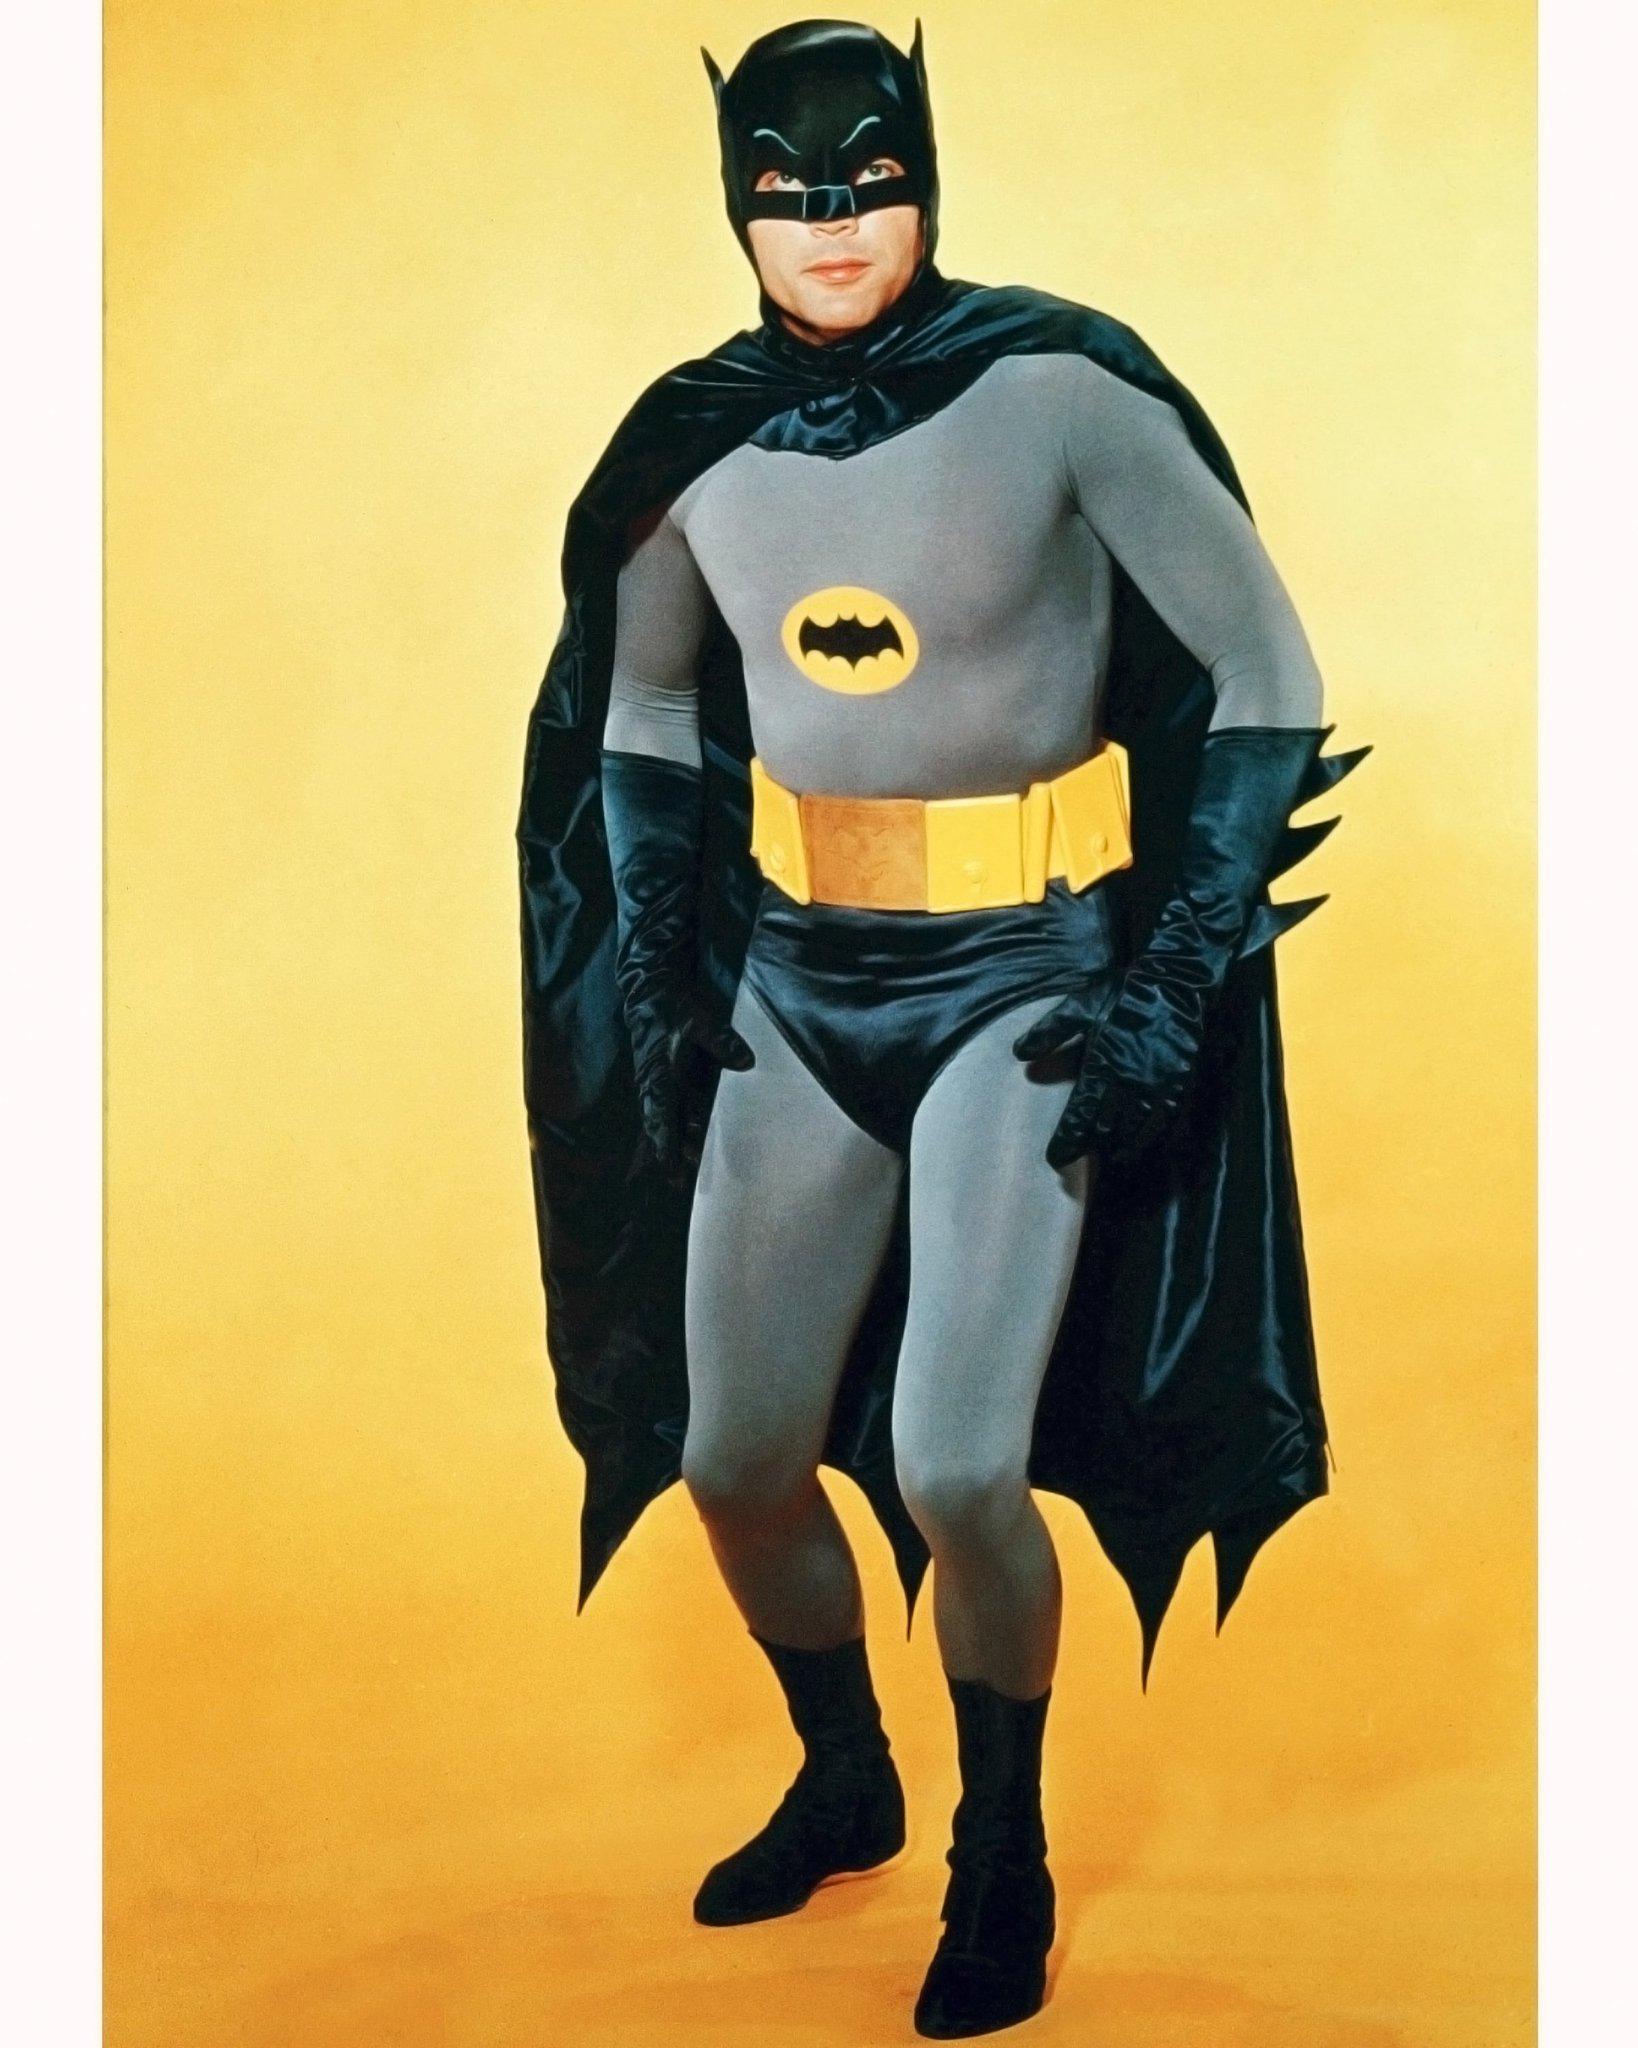 Thumbnail for 'Batman' star Adam West dies at 88